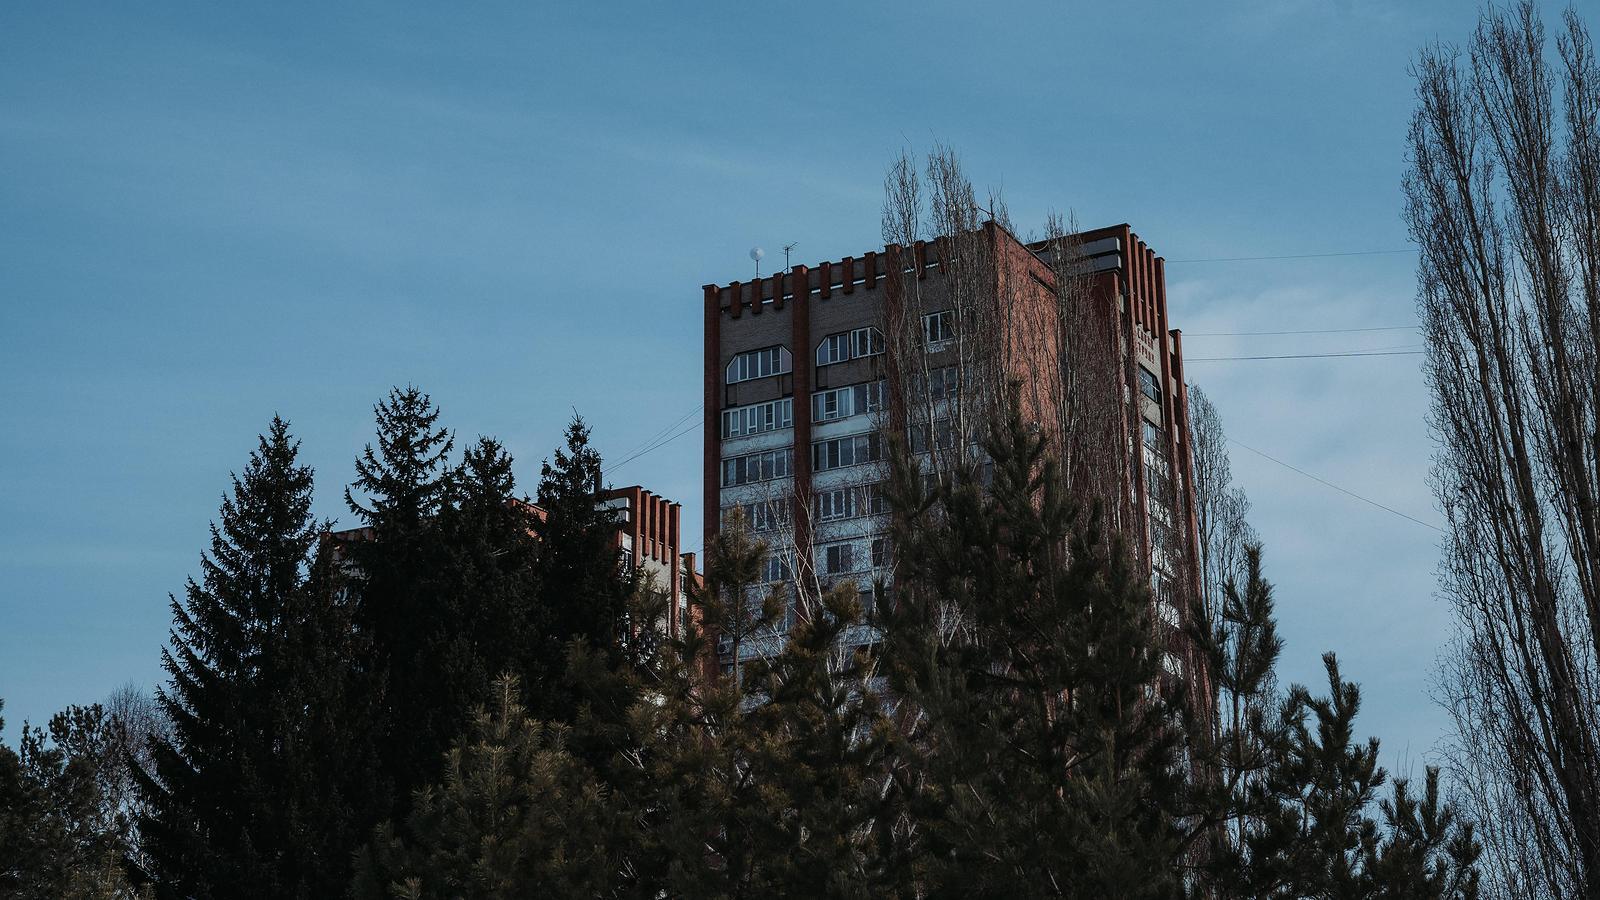 Forêt urbaine : l'arbre en ville contre le réchauffement climatique